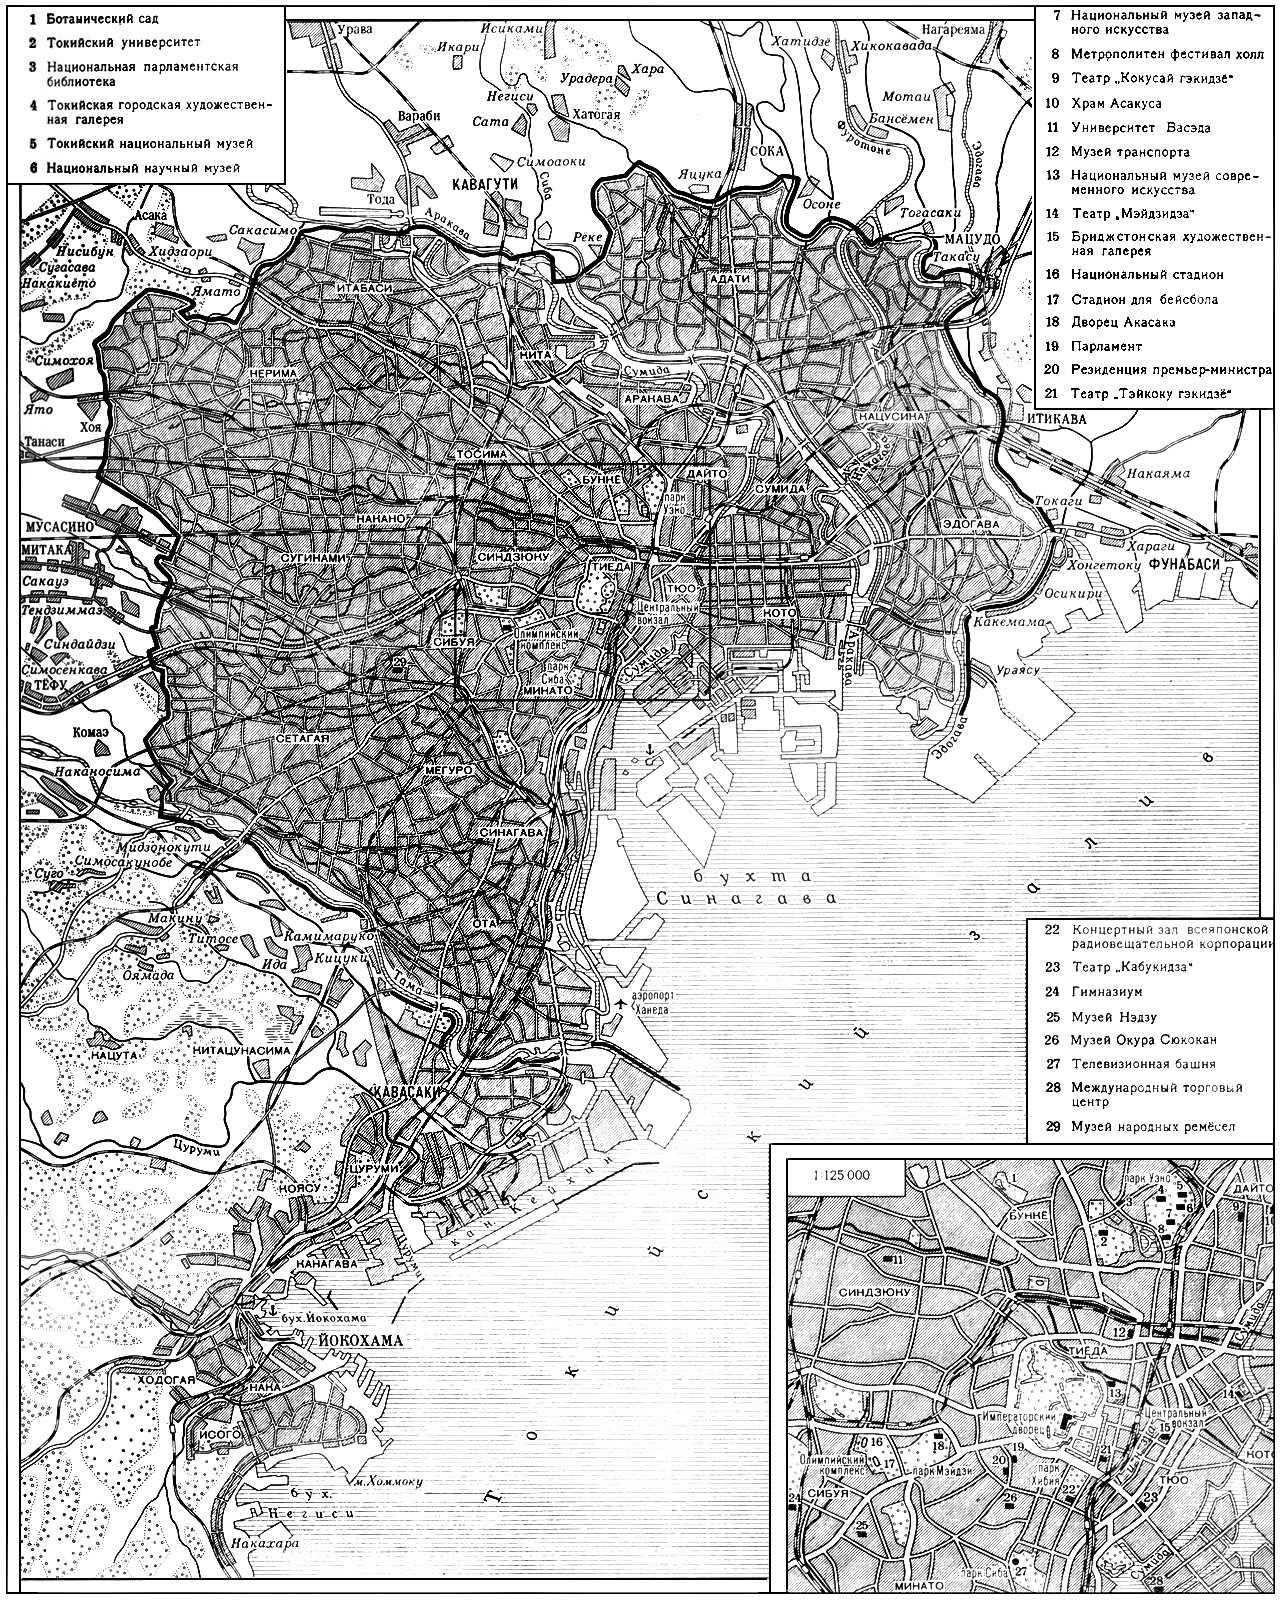 Токио. План города. Токио.